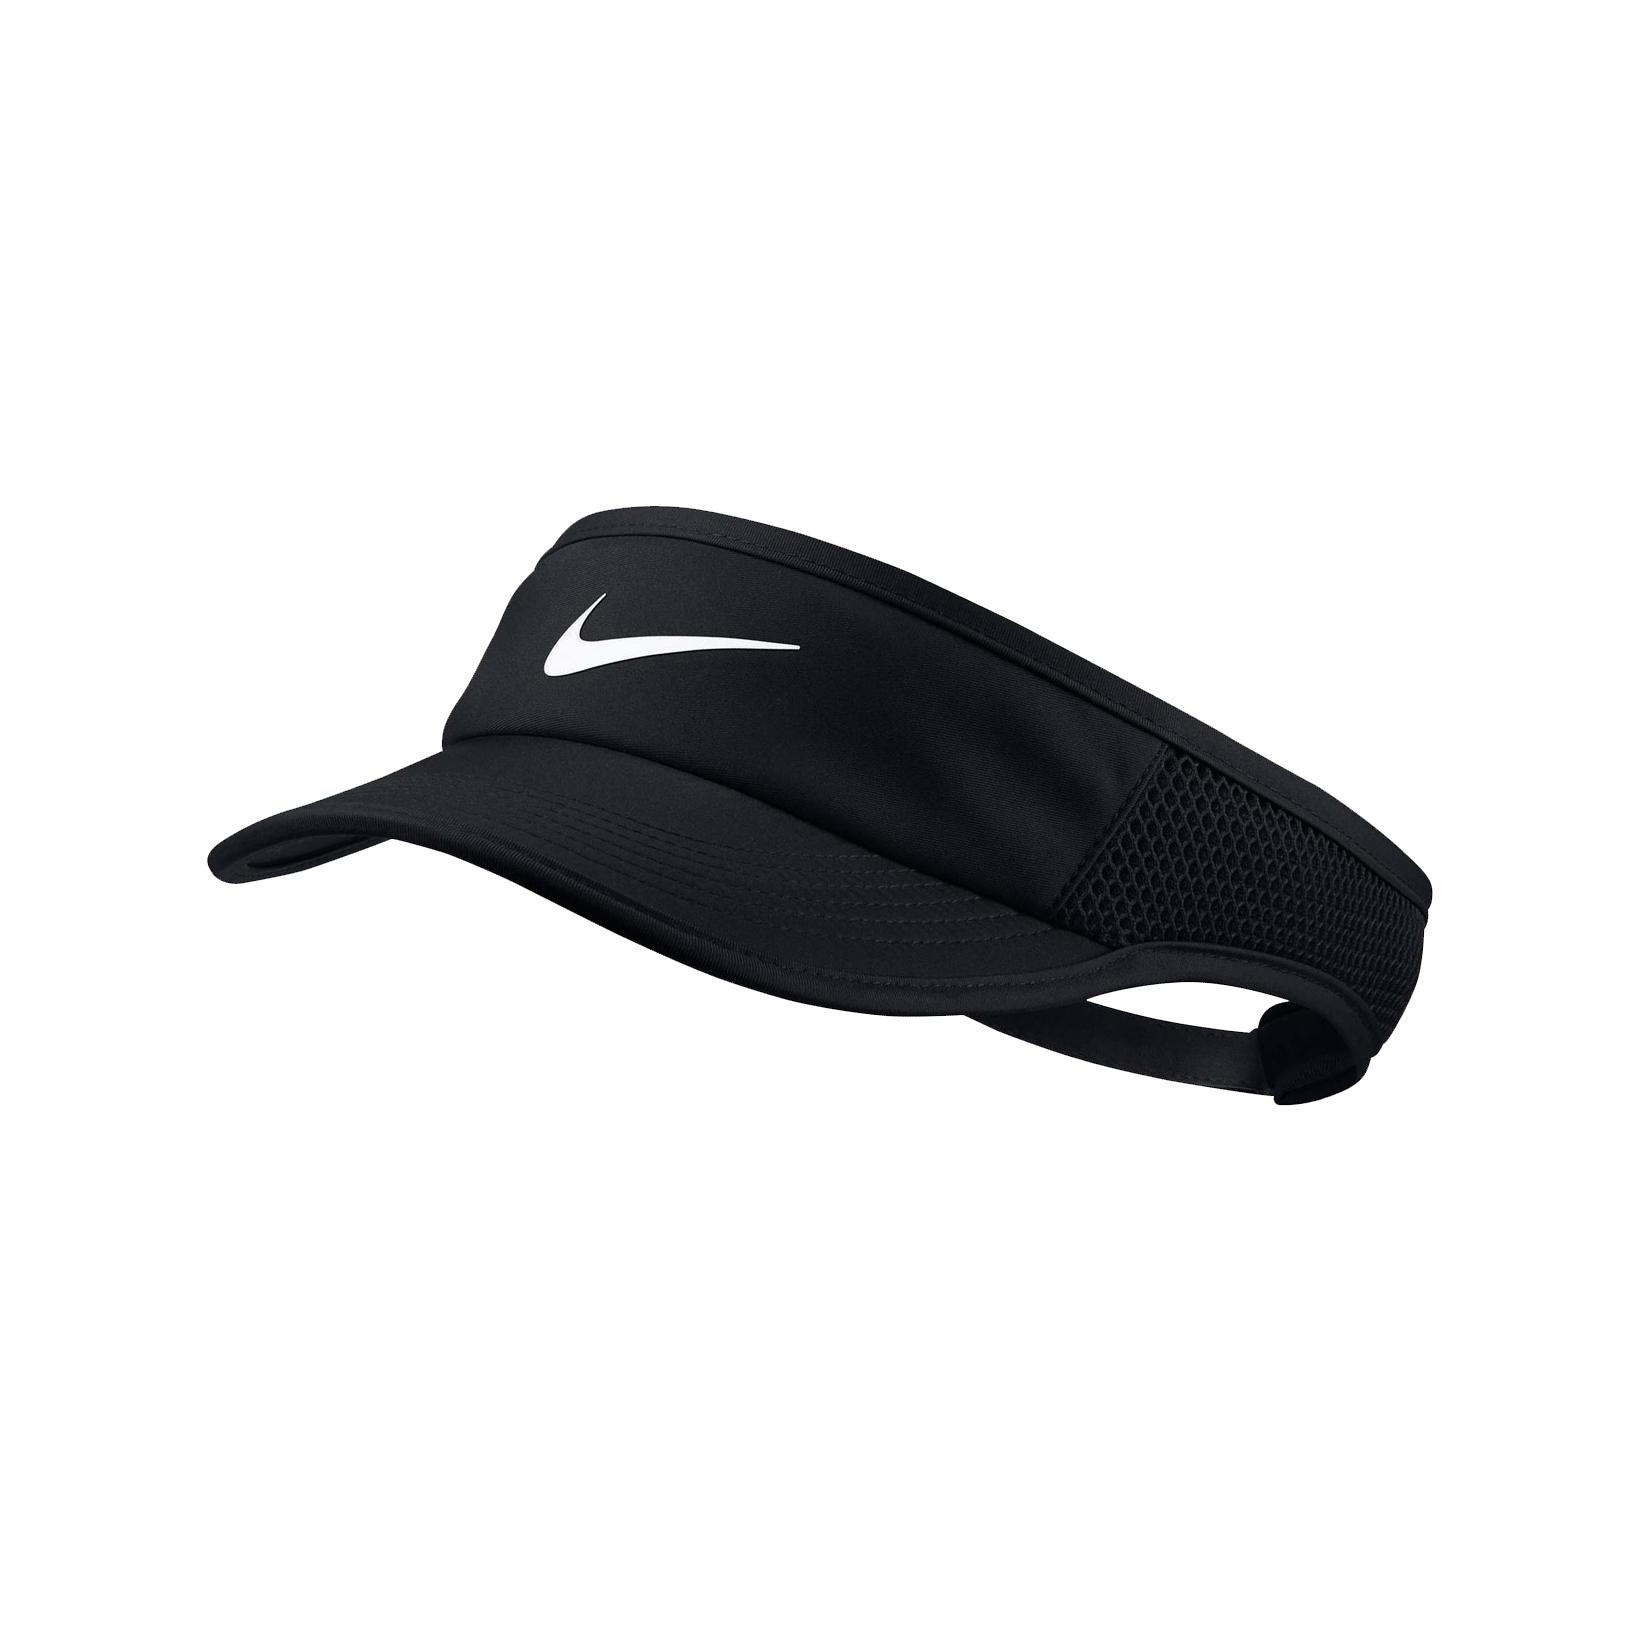 Nike Court Aerobill Visor Black